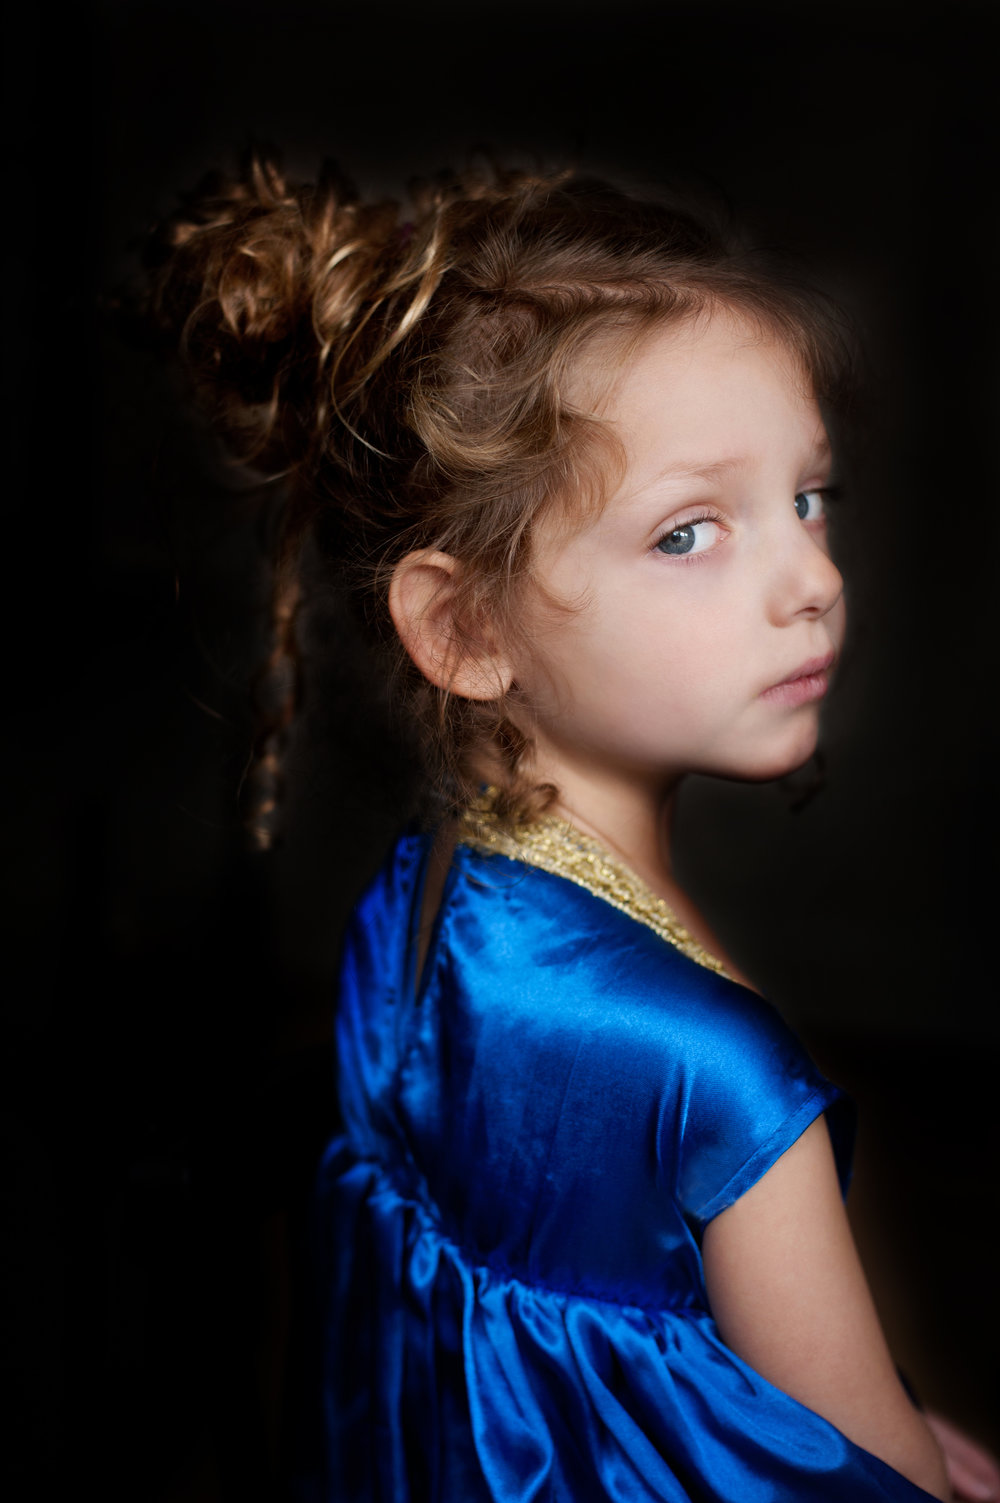 Amelia_Vermeer-1.jpg